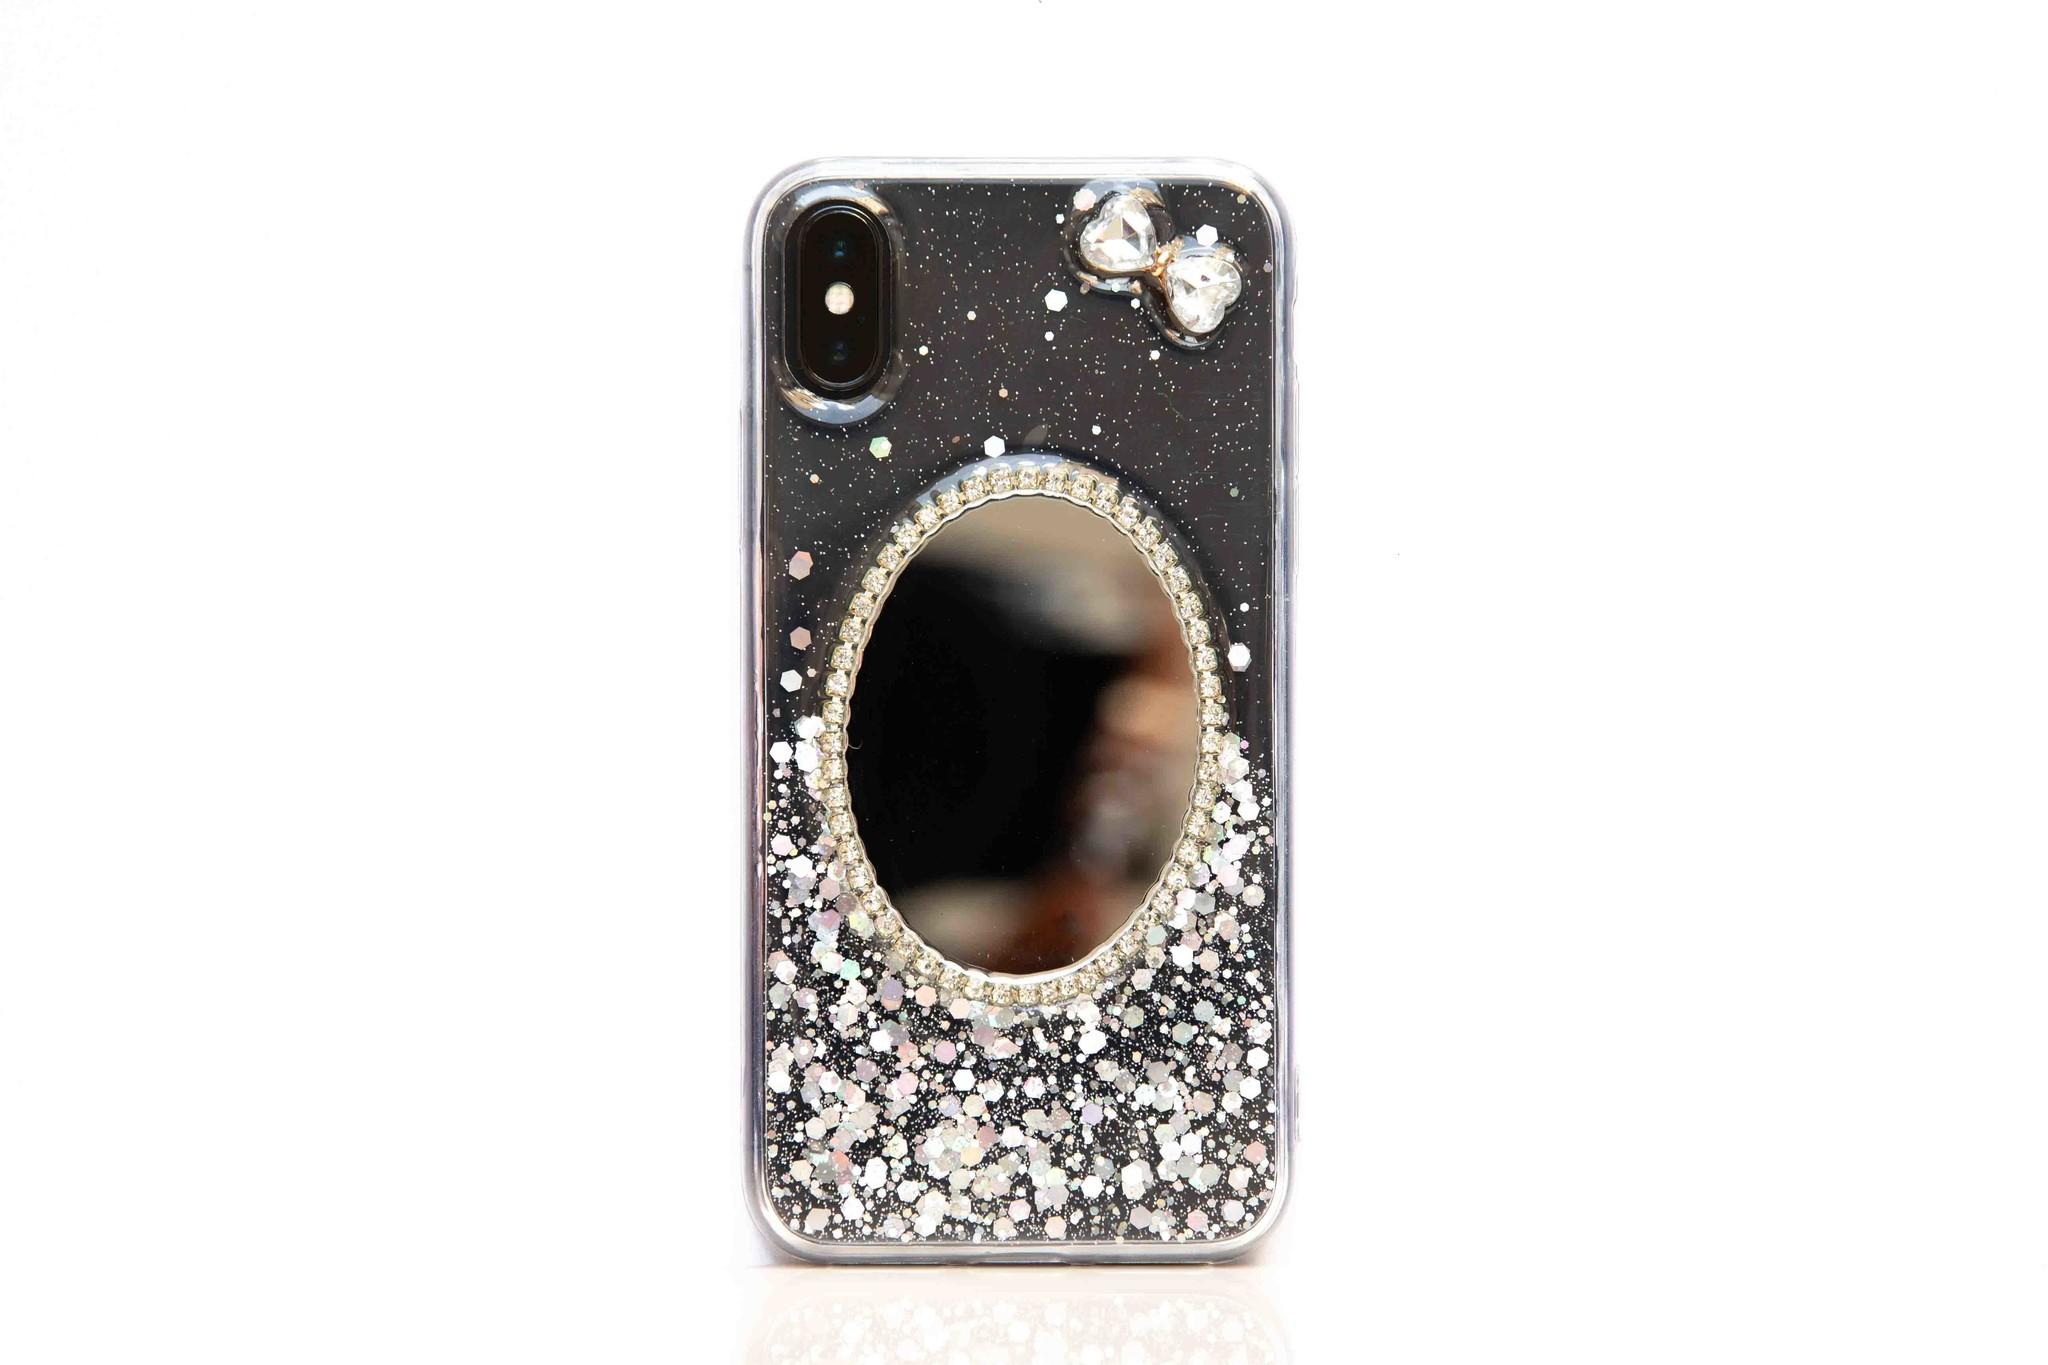 Smartphonehoesje iPhone 7 / 8 | Bling (met spiegel) | Zilver